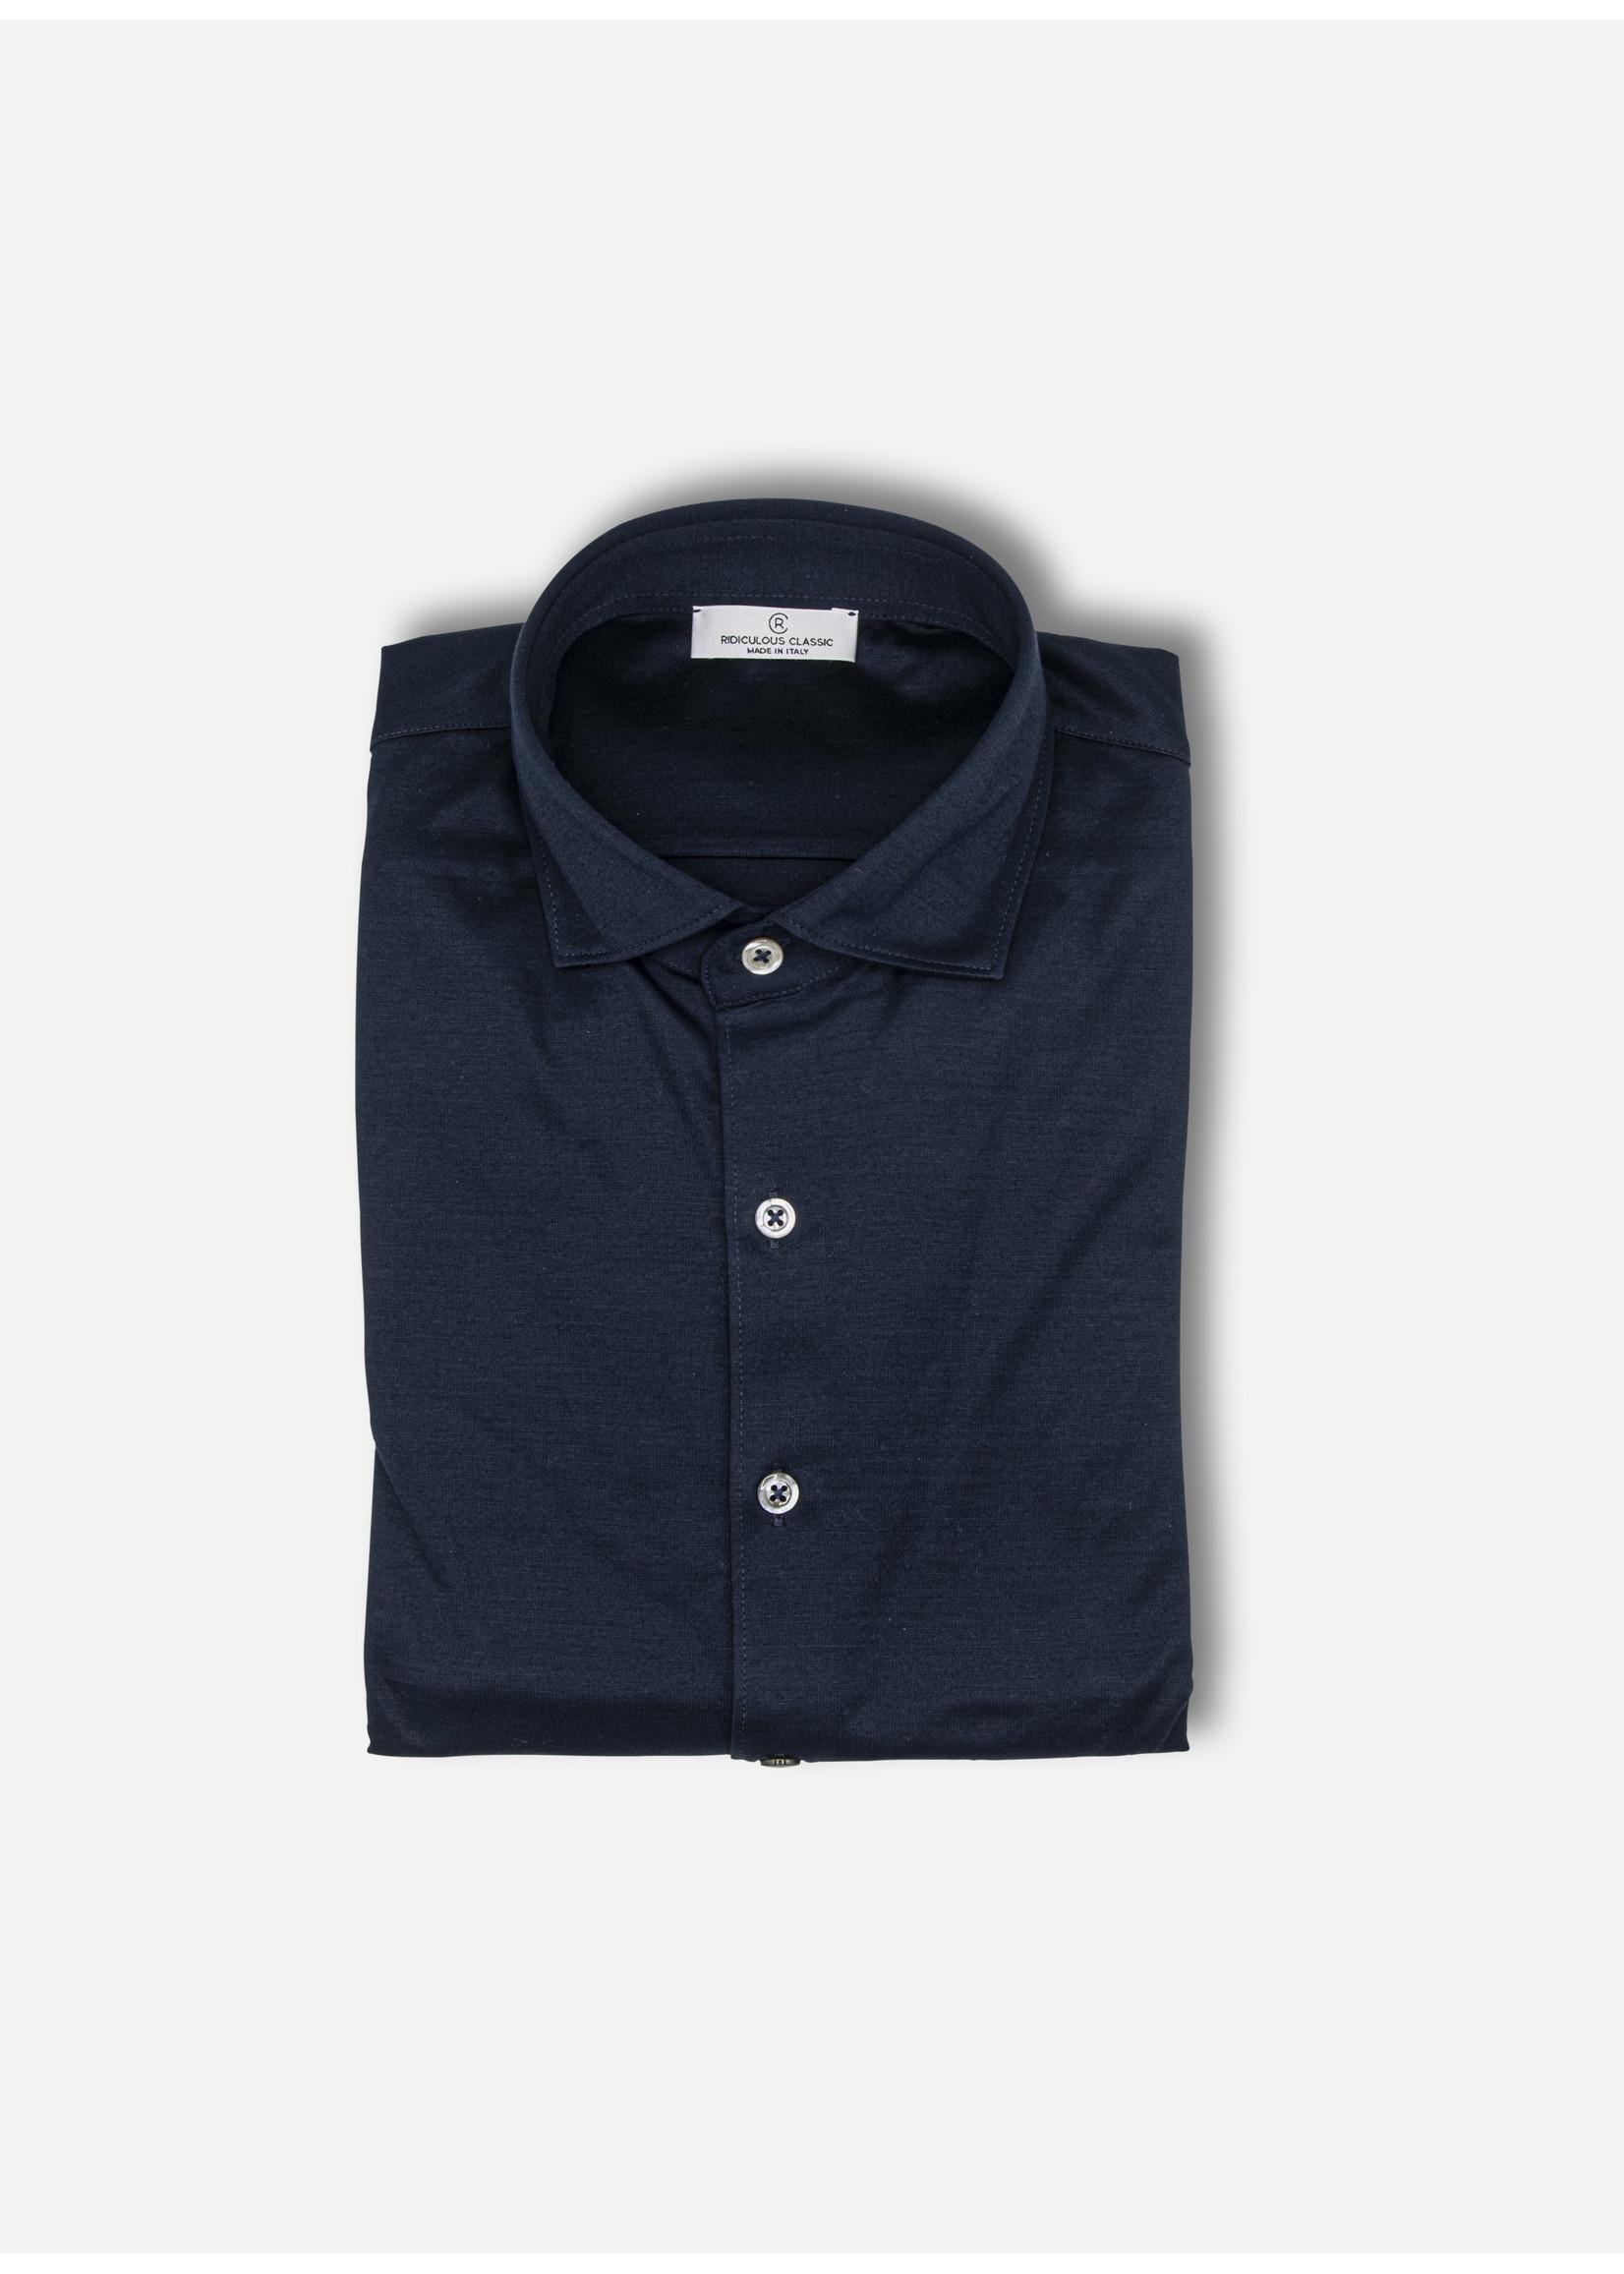 Ridiculous Classic Shirt navy